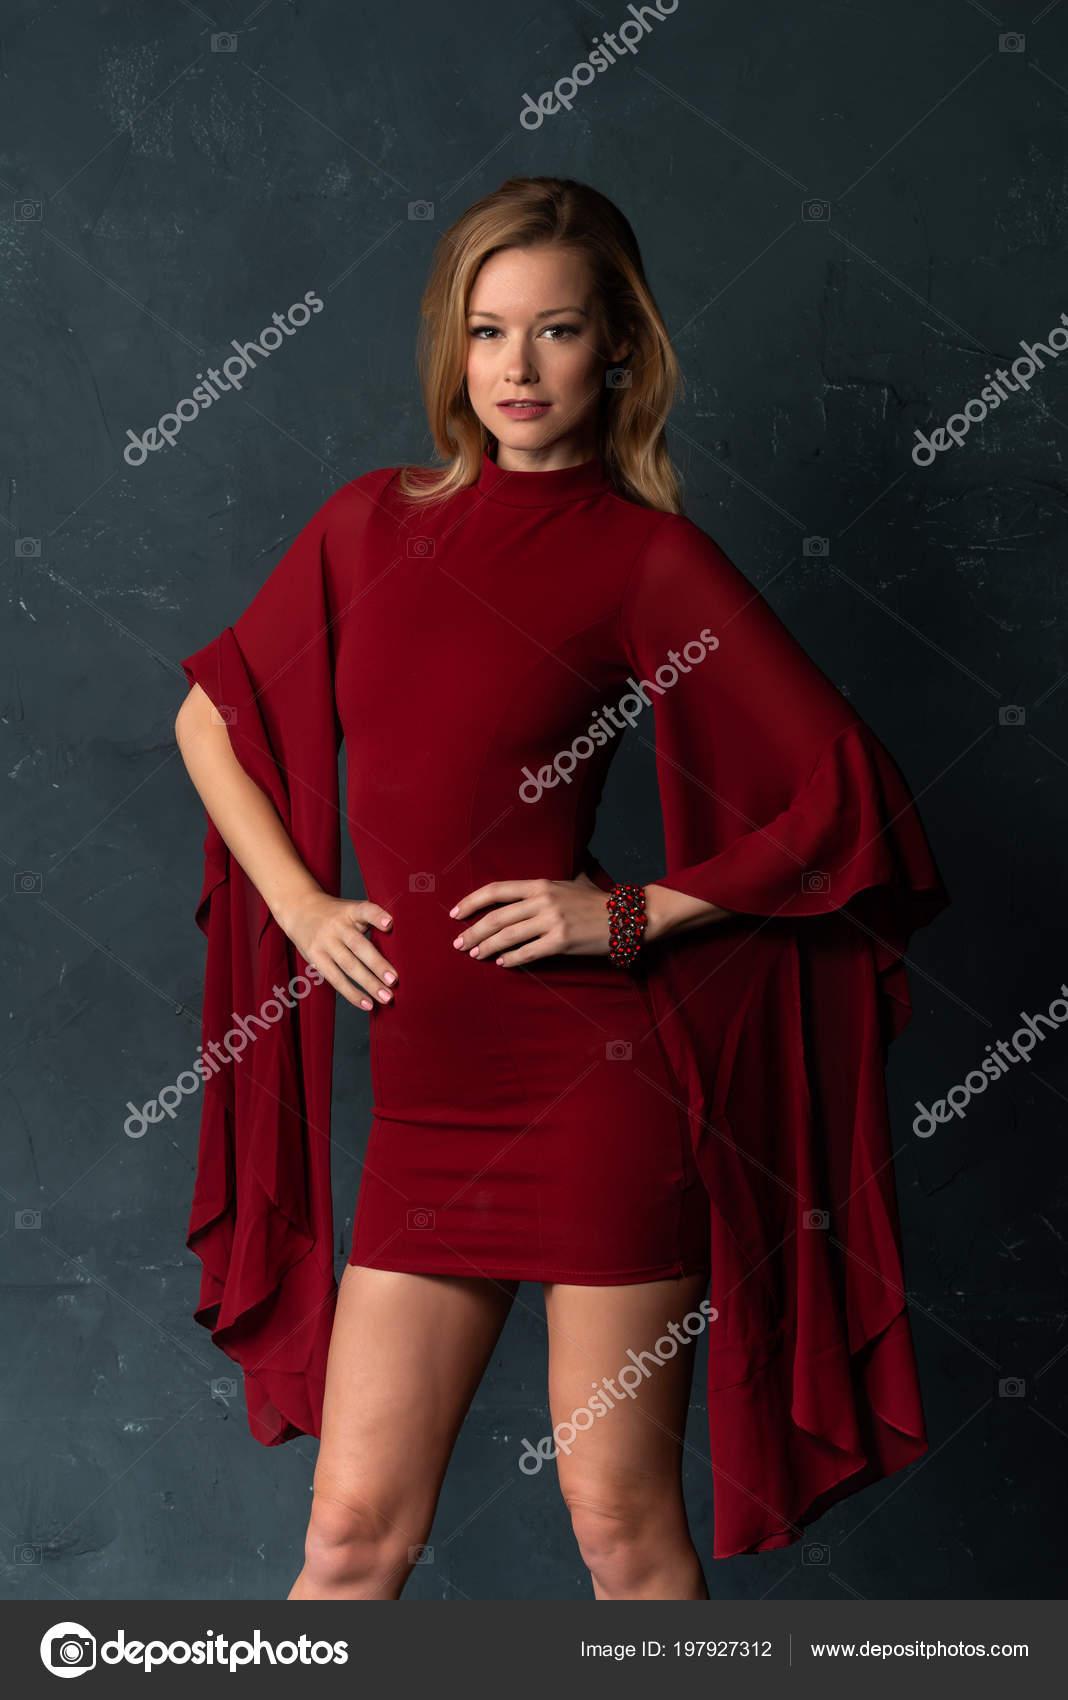 Rode Jurk Korte Mouw.Lange Slanke Blonde Een Korte Rode Jurk Met Omvangrijke Mouwen